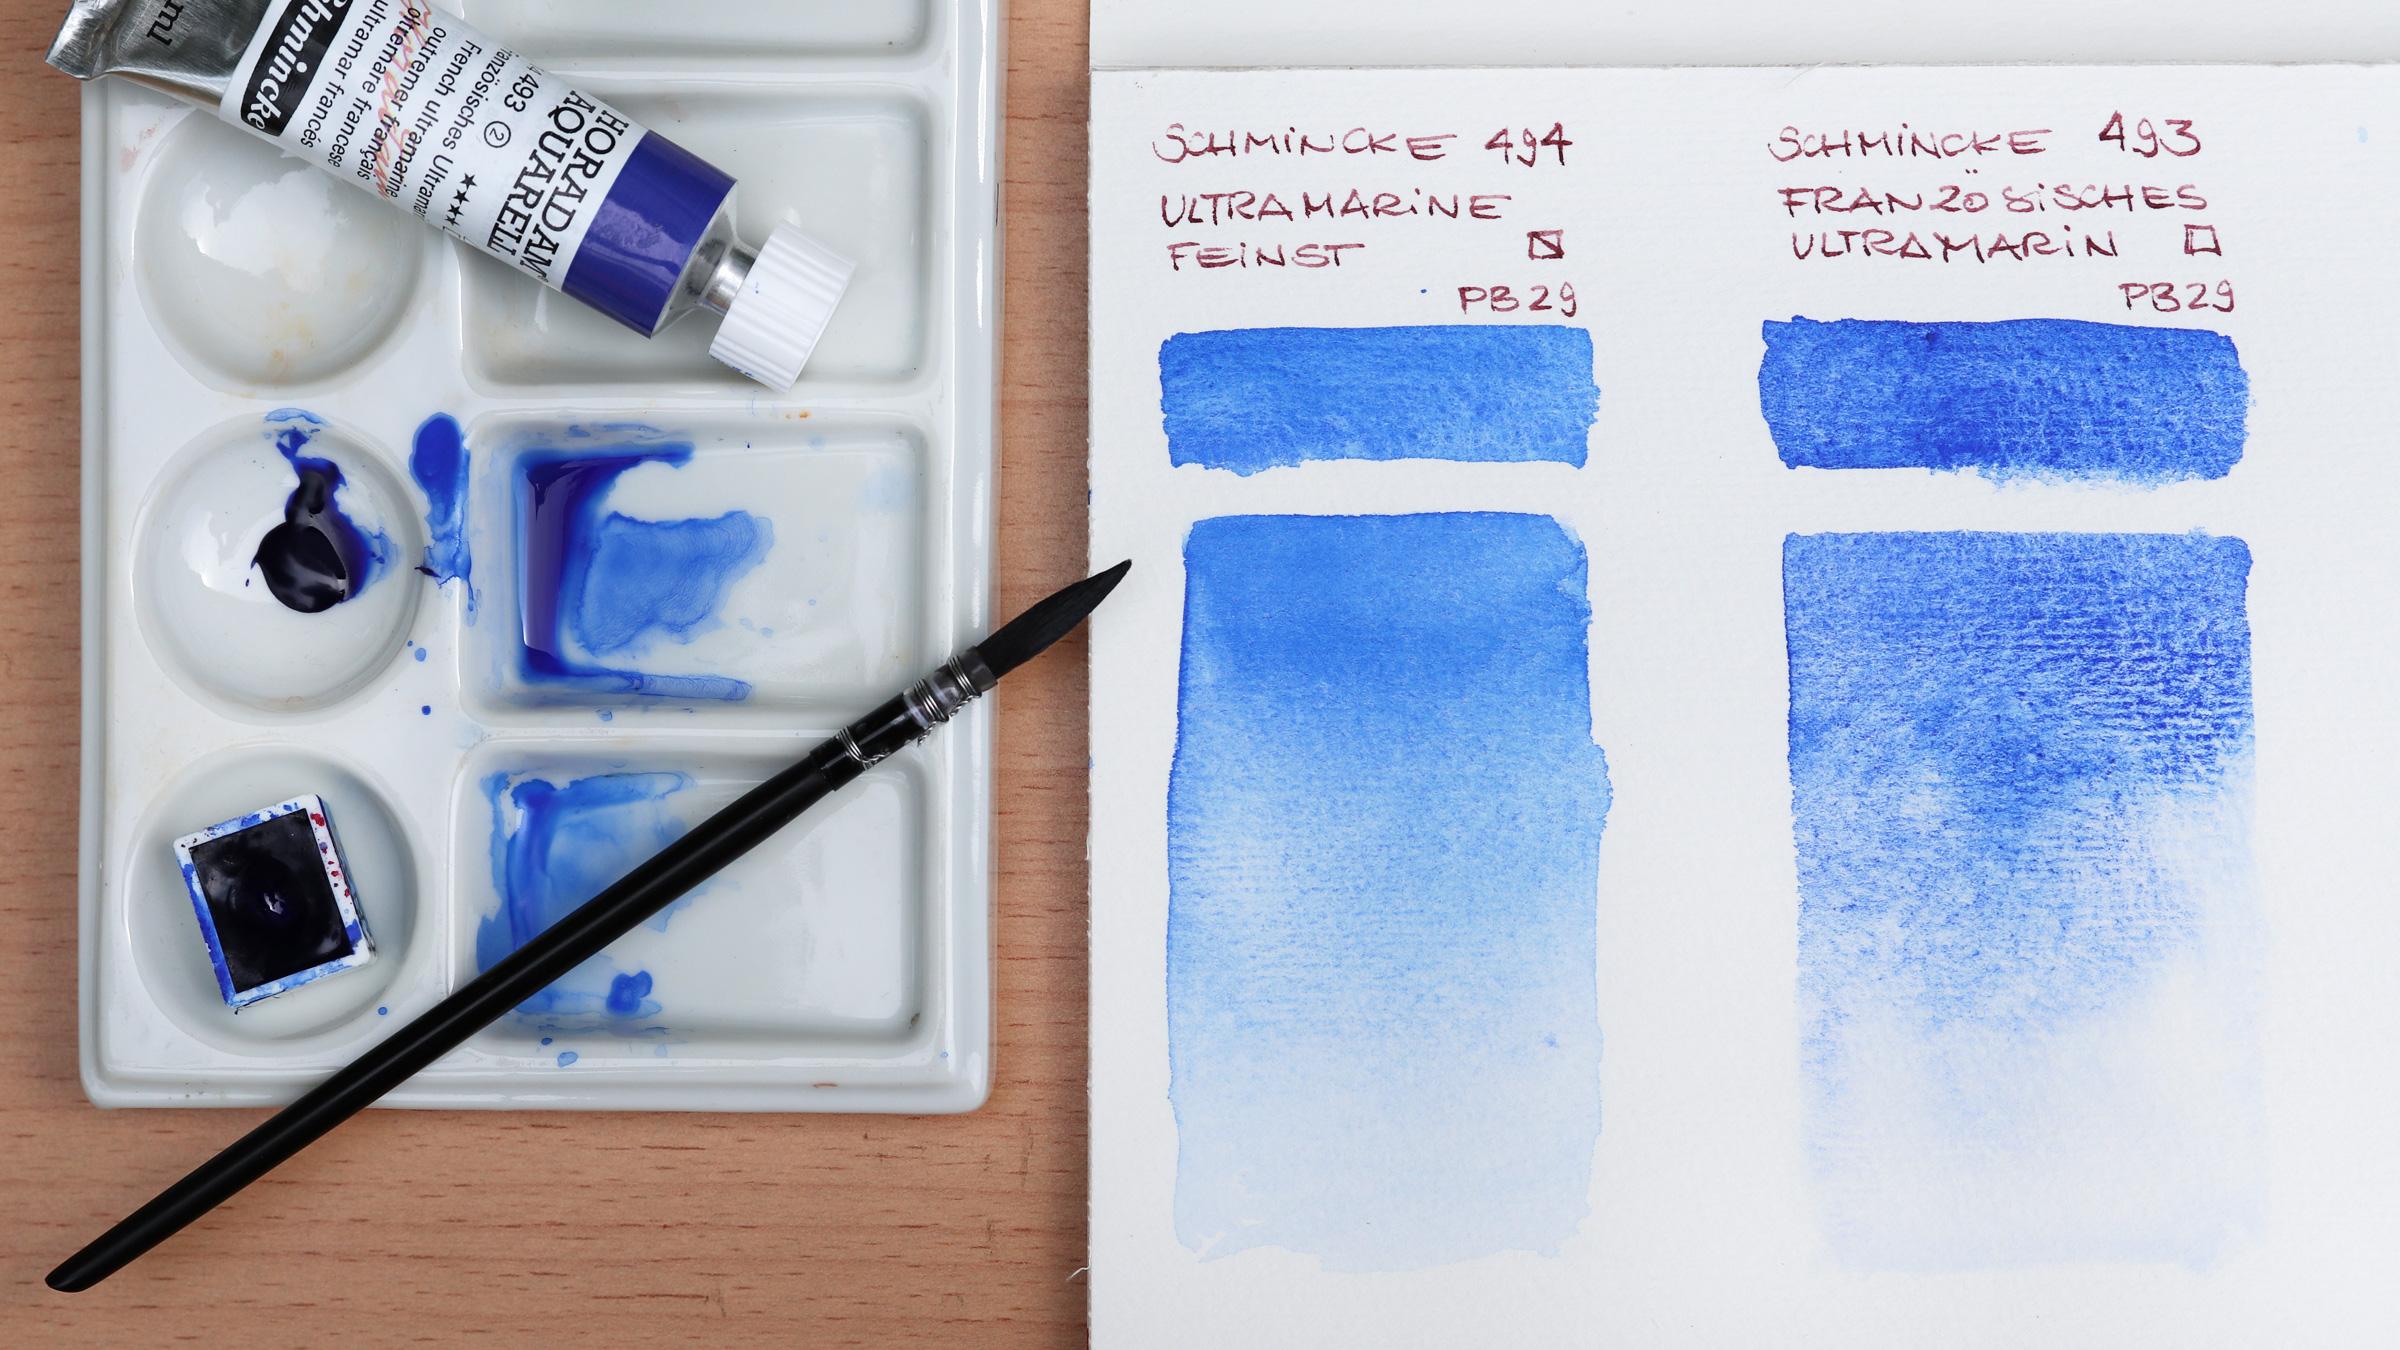 Granulierende Aquarellfarbe – Schmincke Ultramarinblau Feinst 494 neben Französisch Ultramarin 493